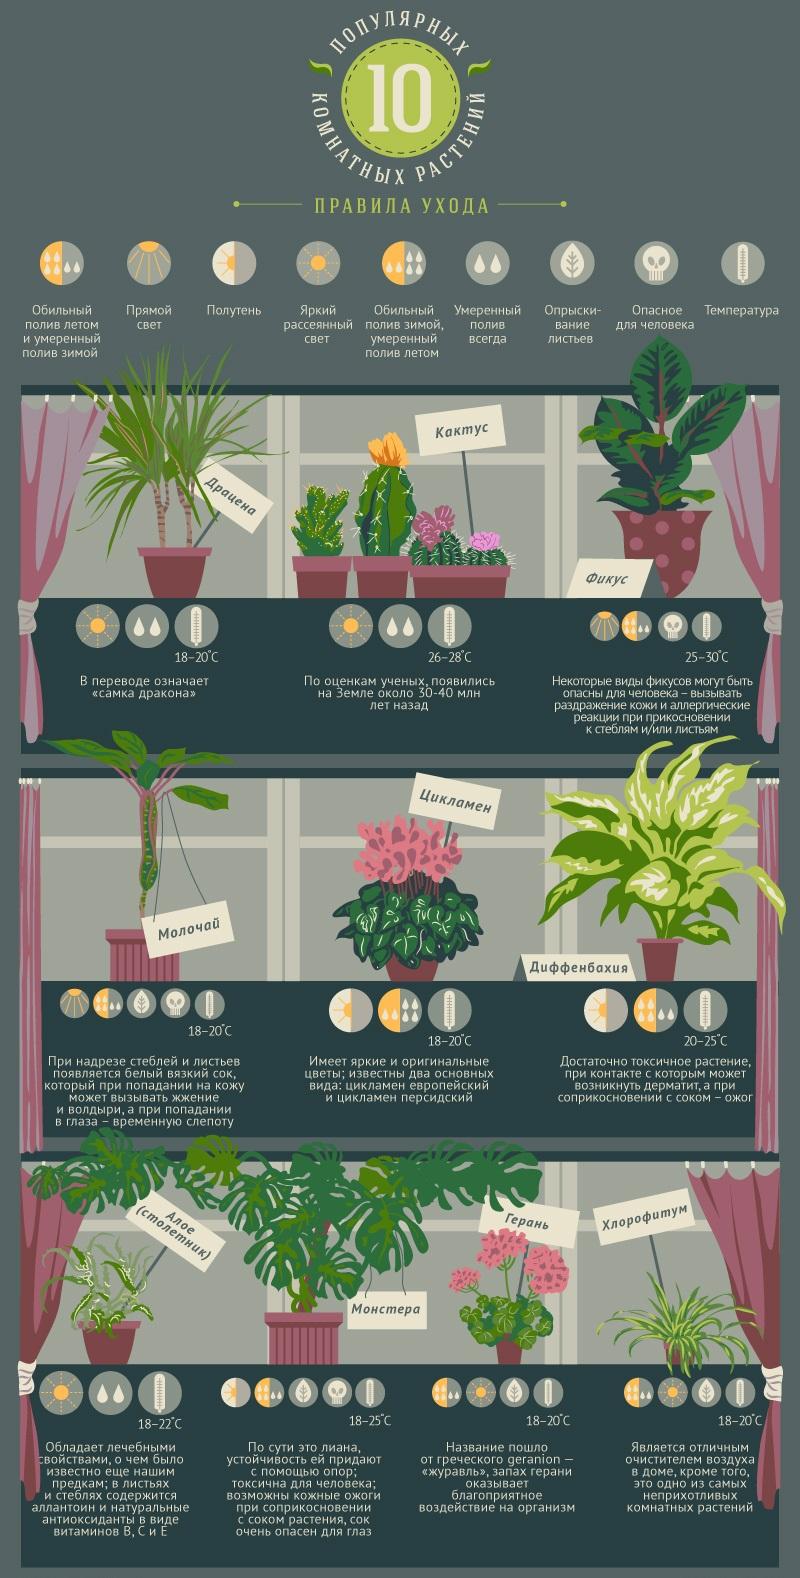 Популярные комнатные растения и правила ухода за ними